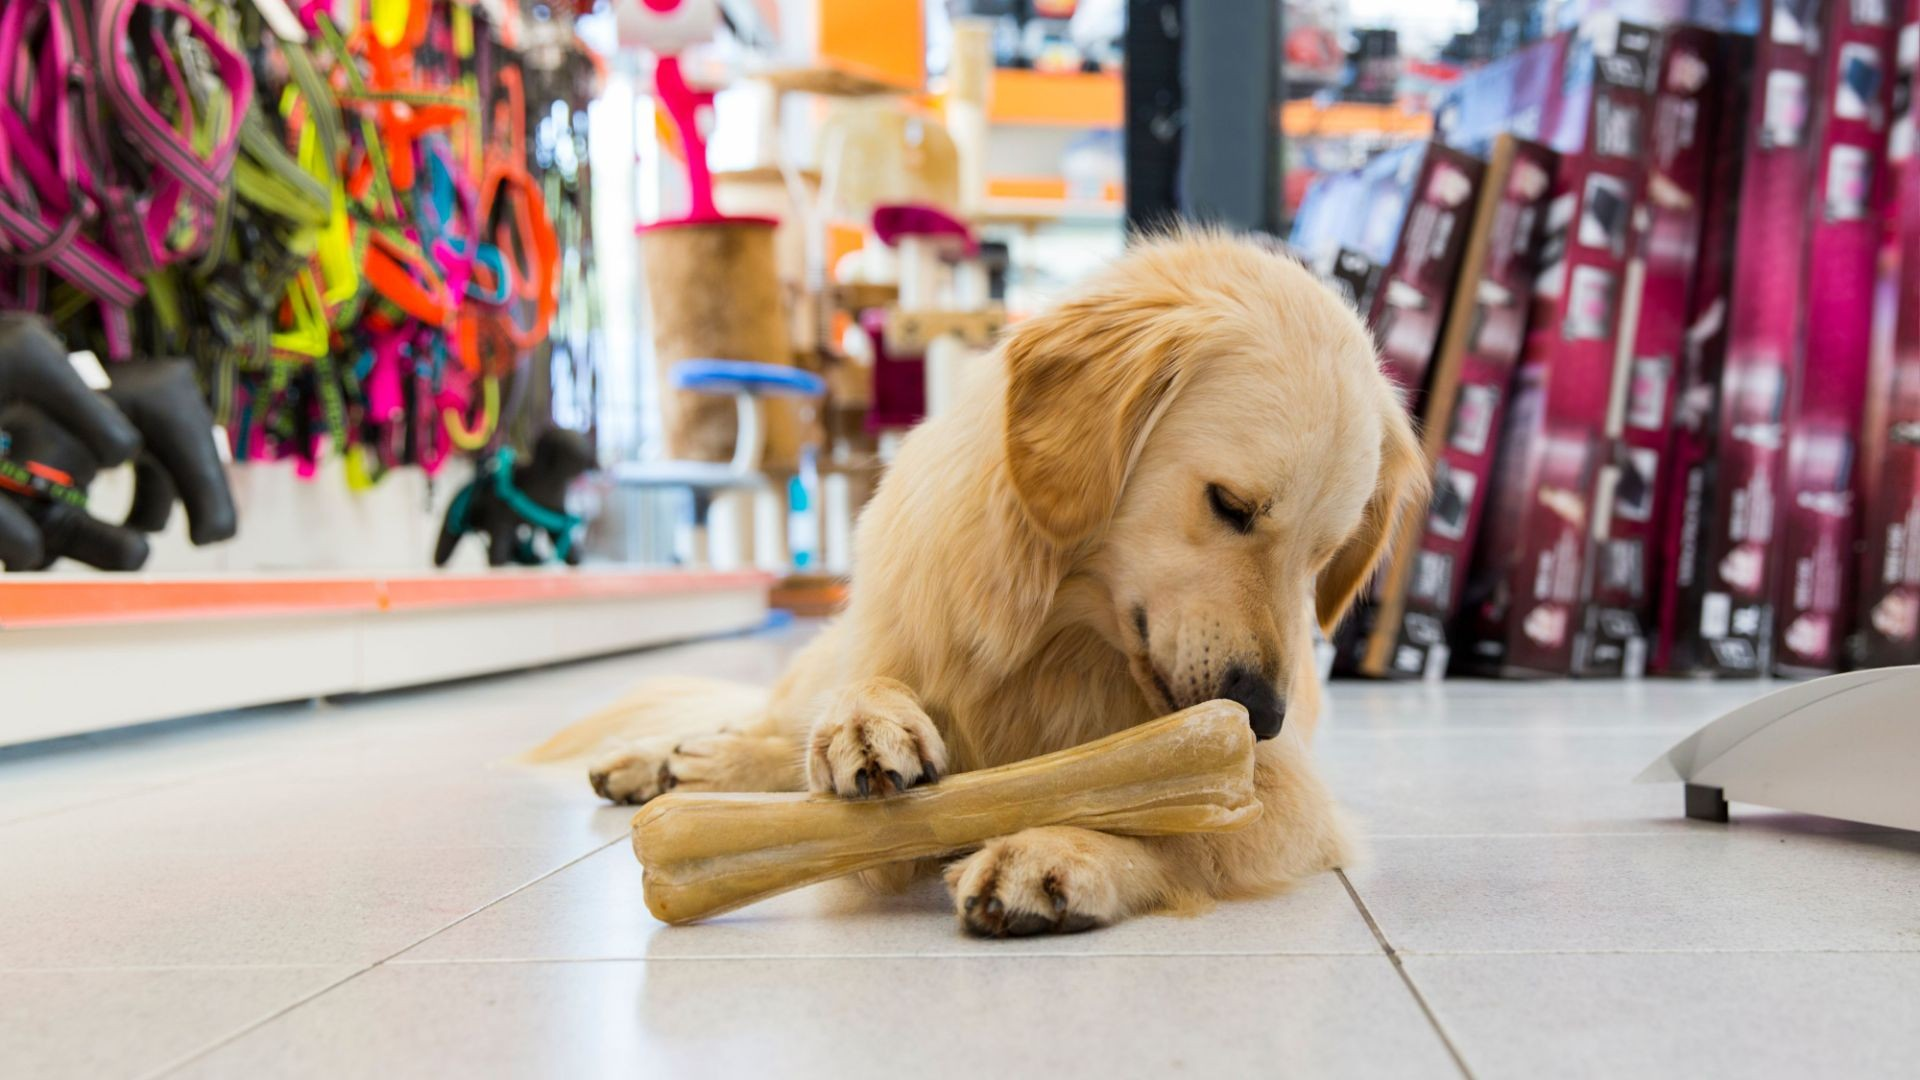 Tienda con productos para mascotas en Valladolid